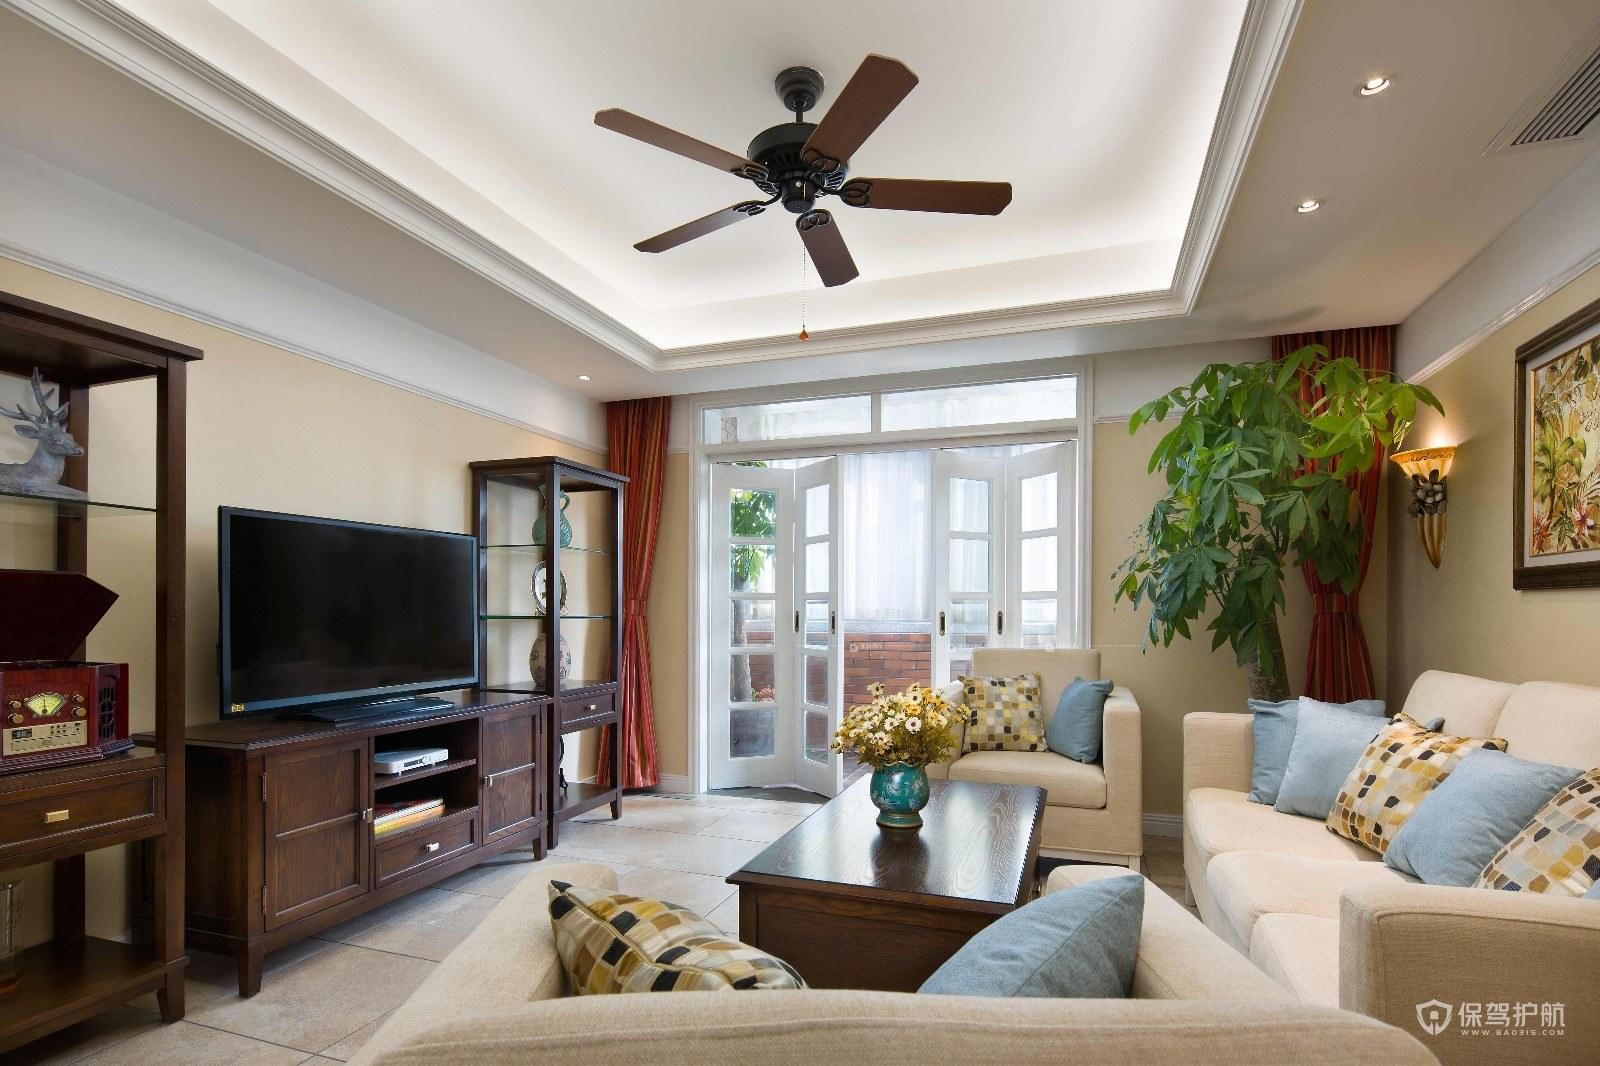 美式风格三居室客厅落地窗装修效果图…